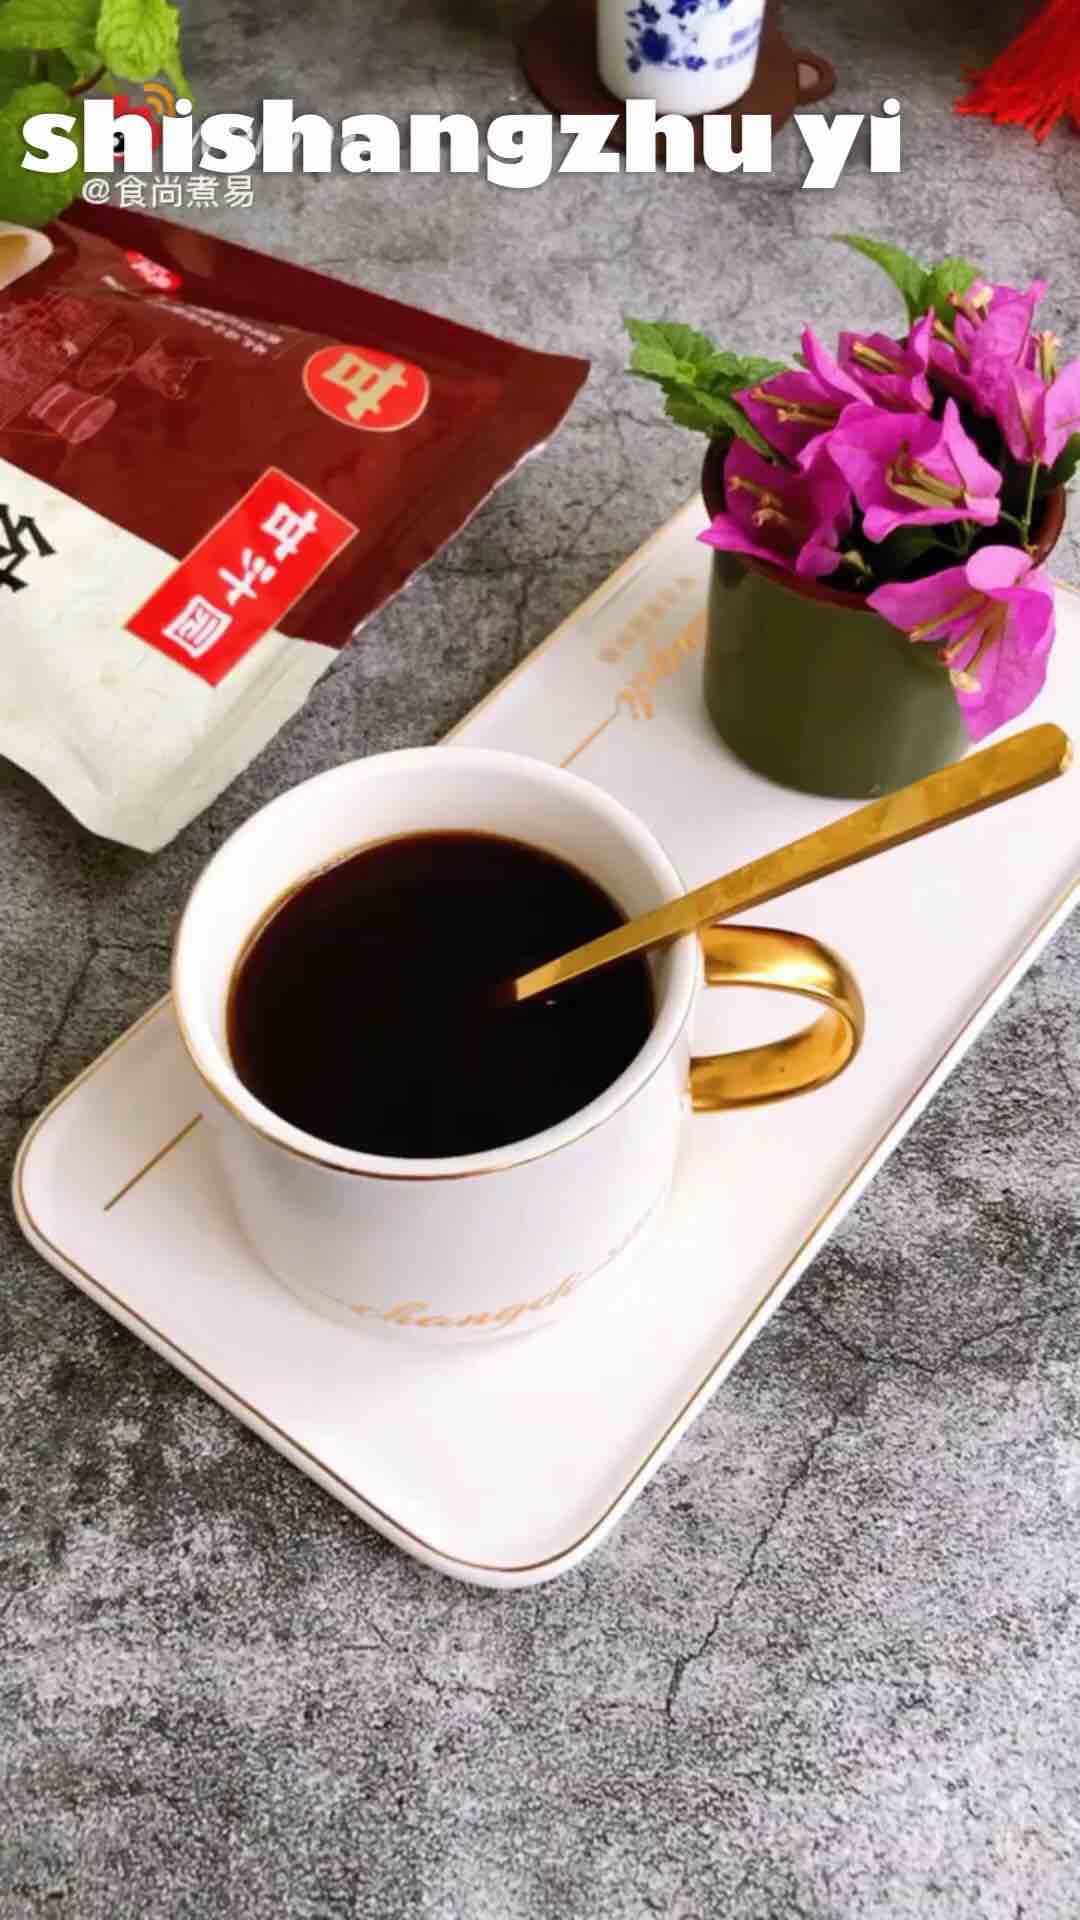 红糖生姜红枣枸杞茶